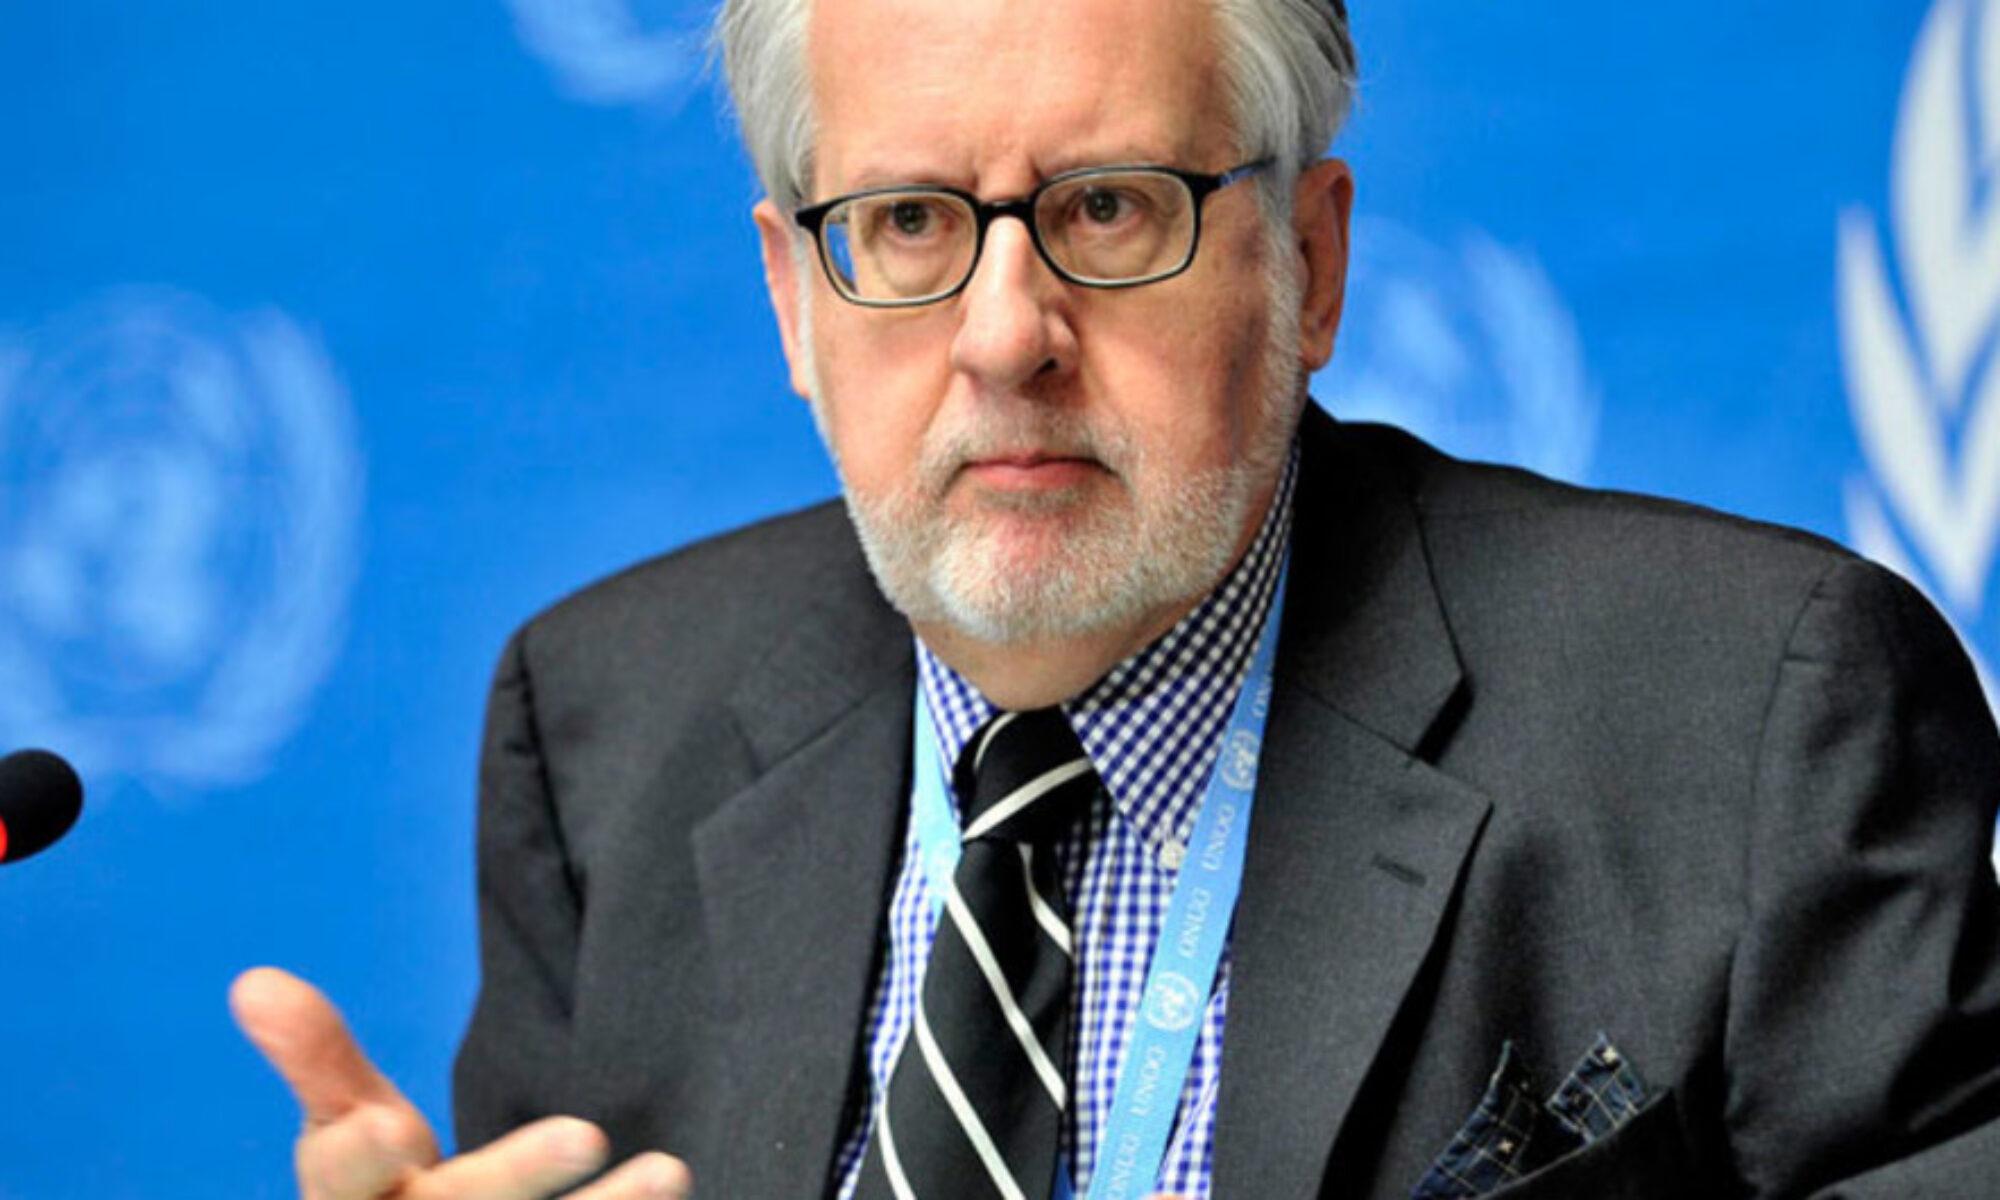 BM Suriye Araştırma komisyonu başkanı Pinheiro, Emin İsa'nın PYD'ye bağlı kişilerce işkence ile katledilmesini de değerlendirdi